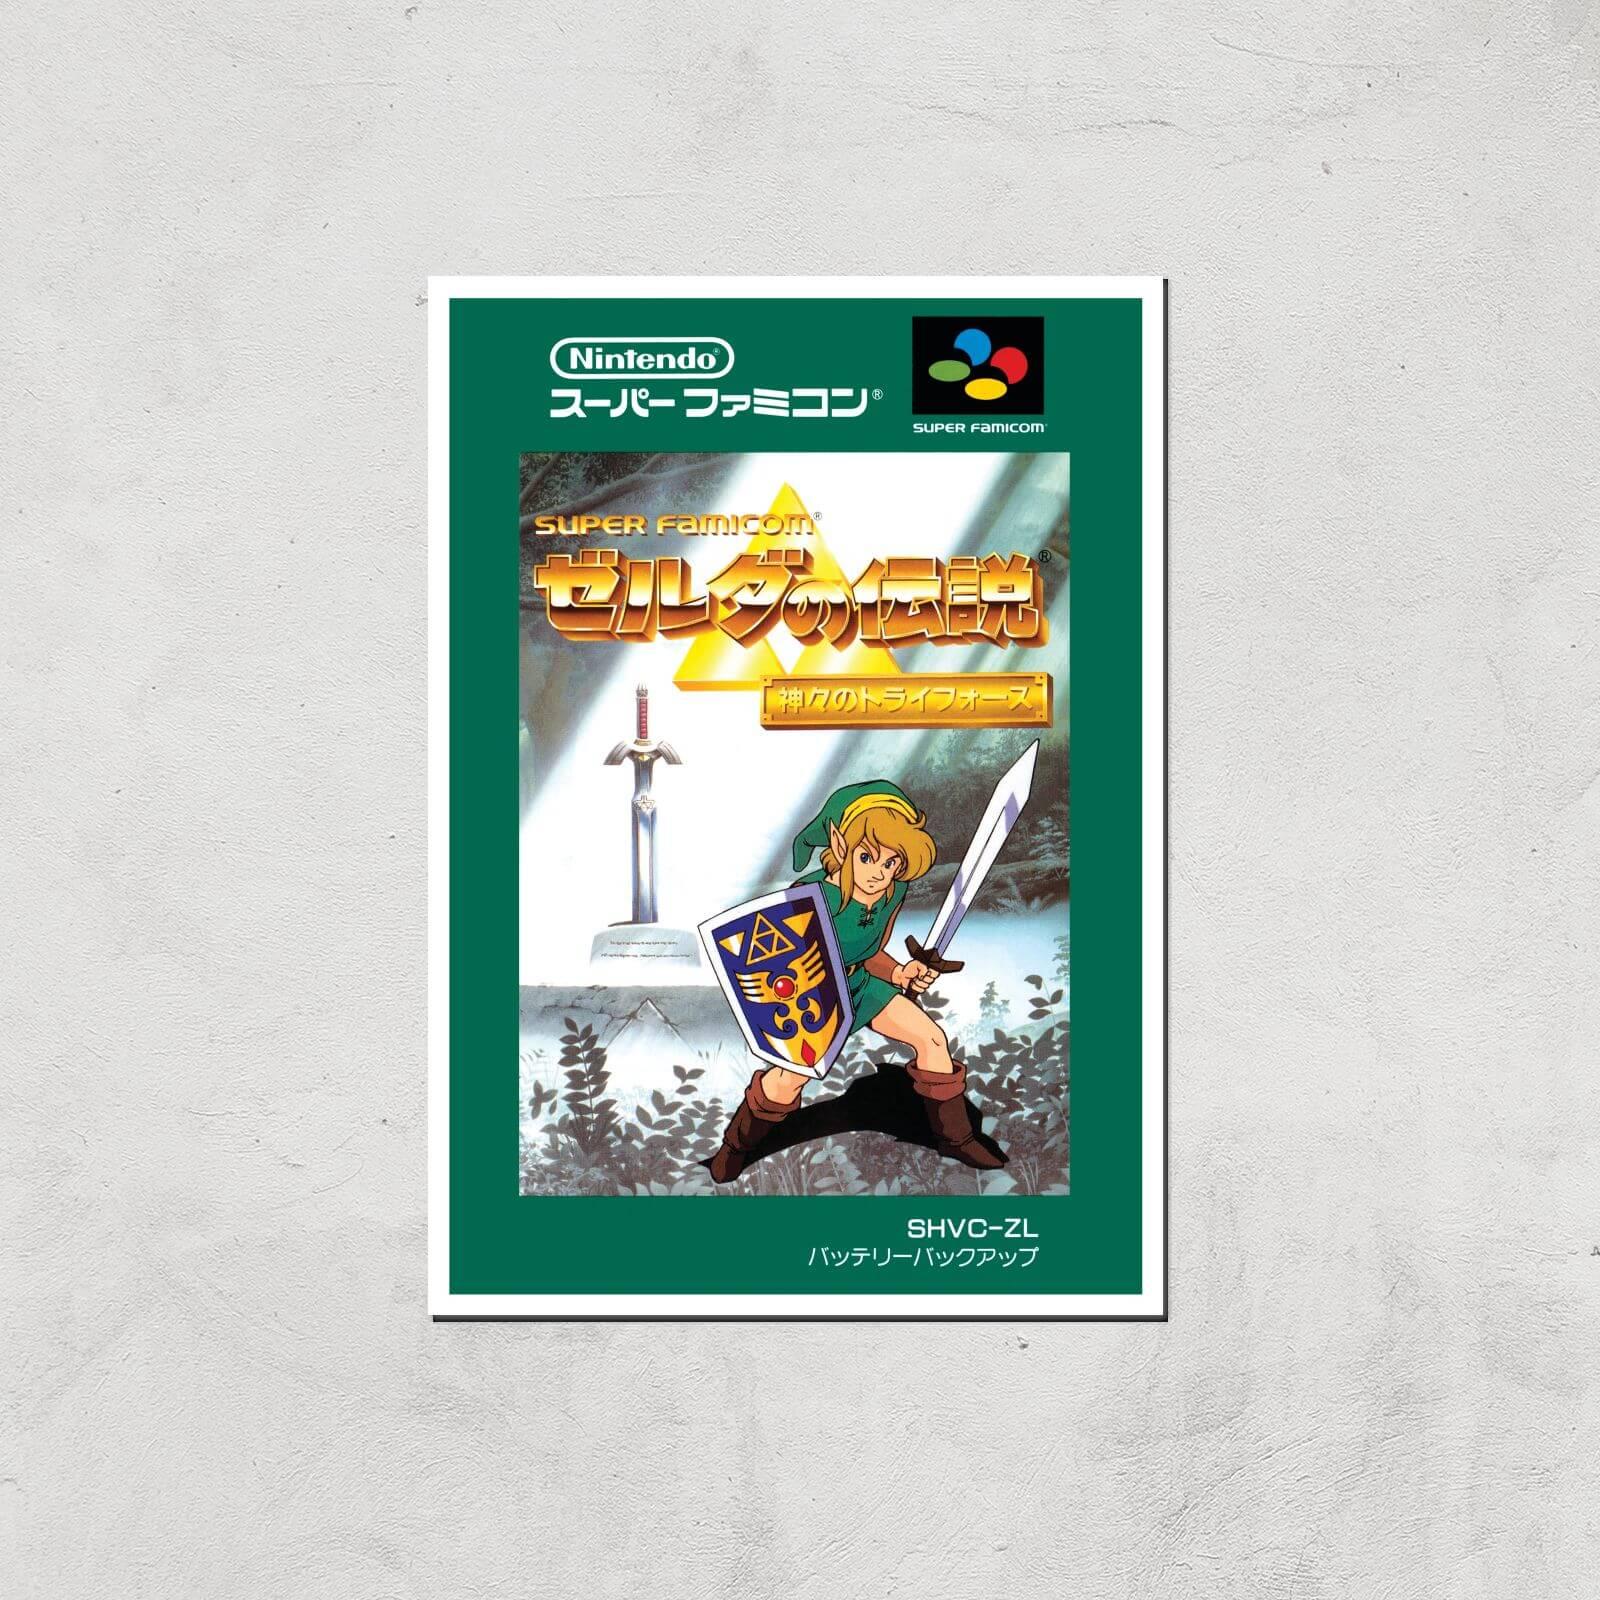 Nintendo Retro Zelda Cover Art Print - A3 - Print Only